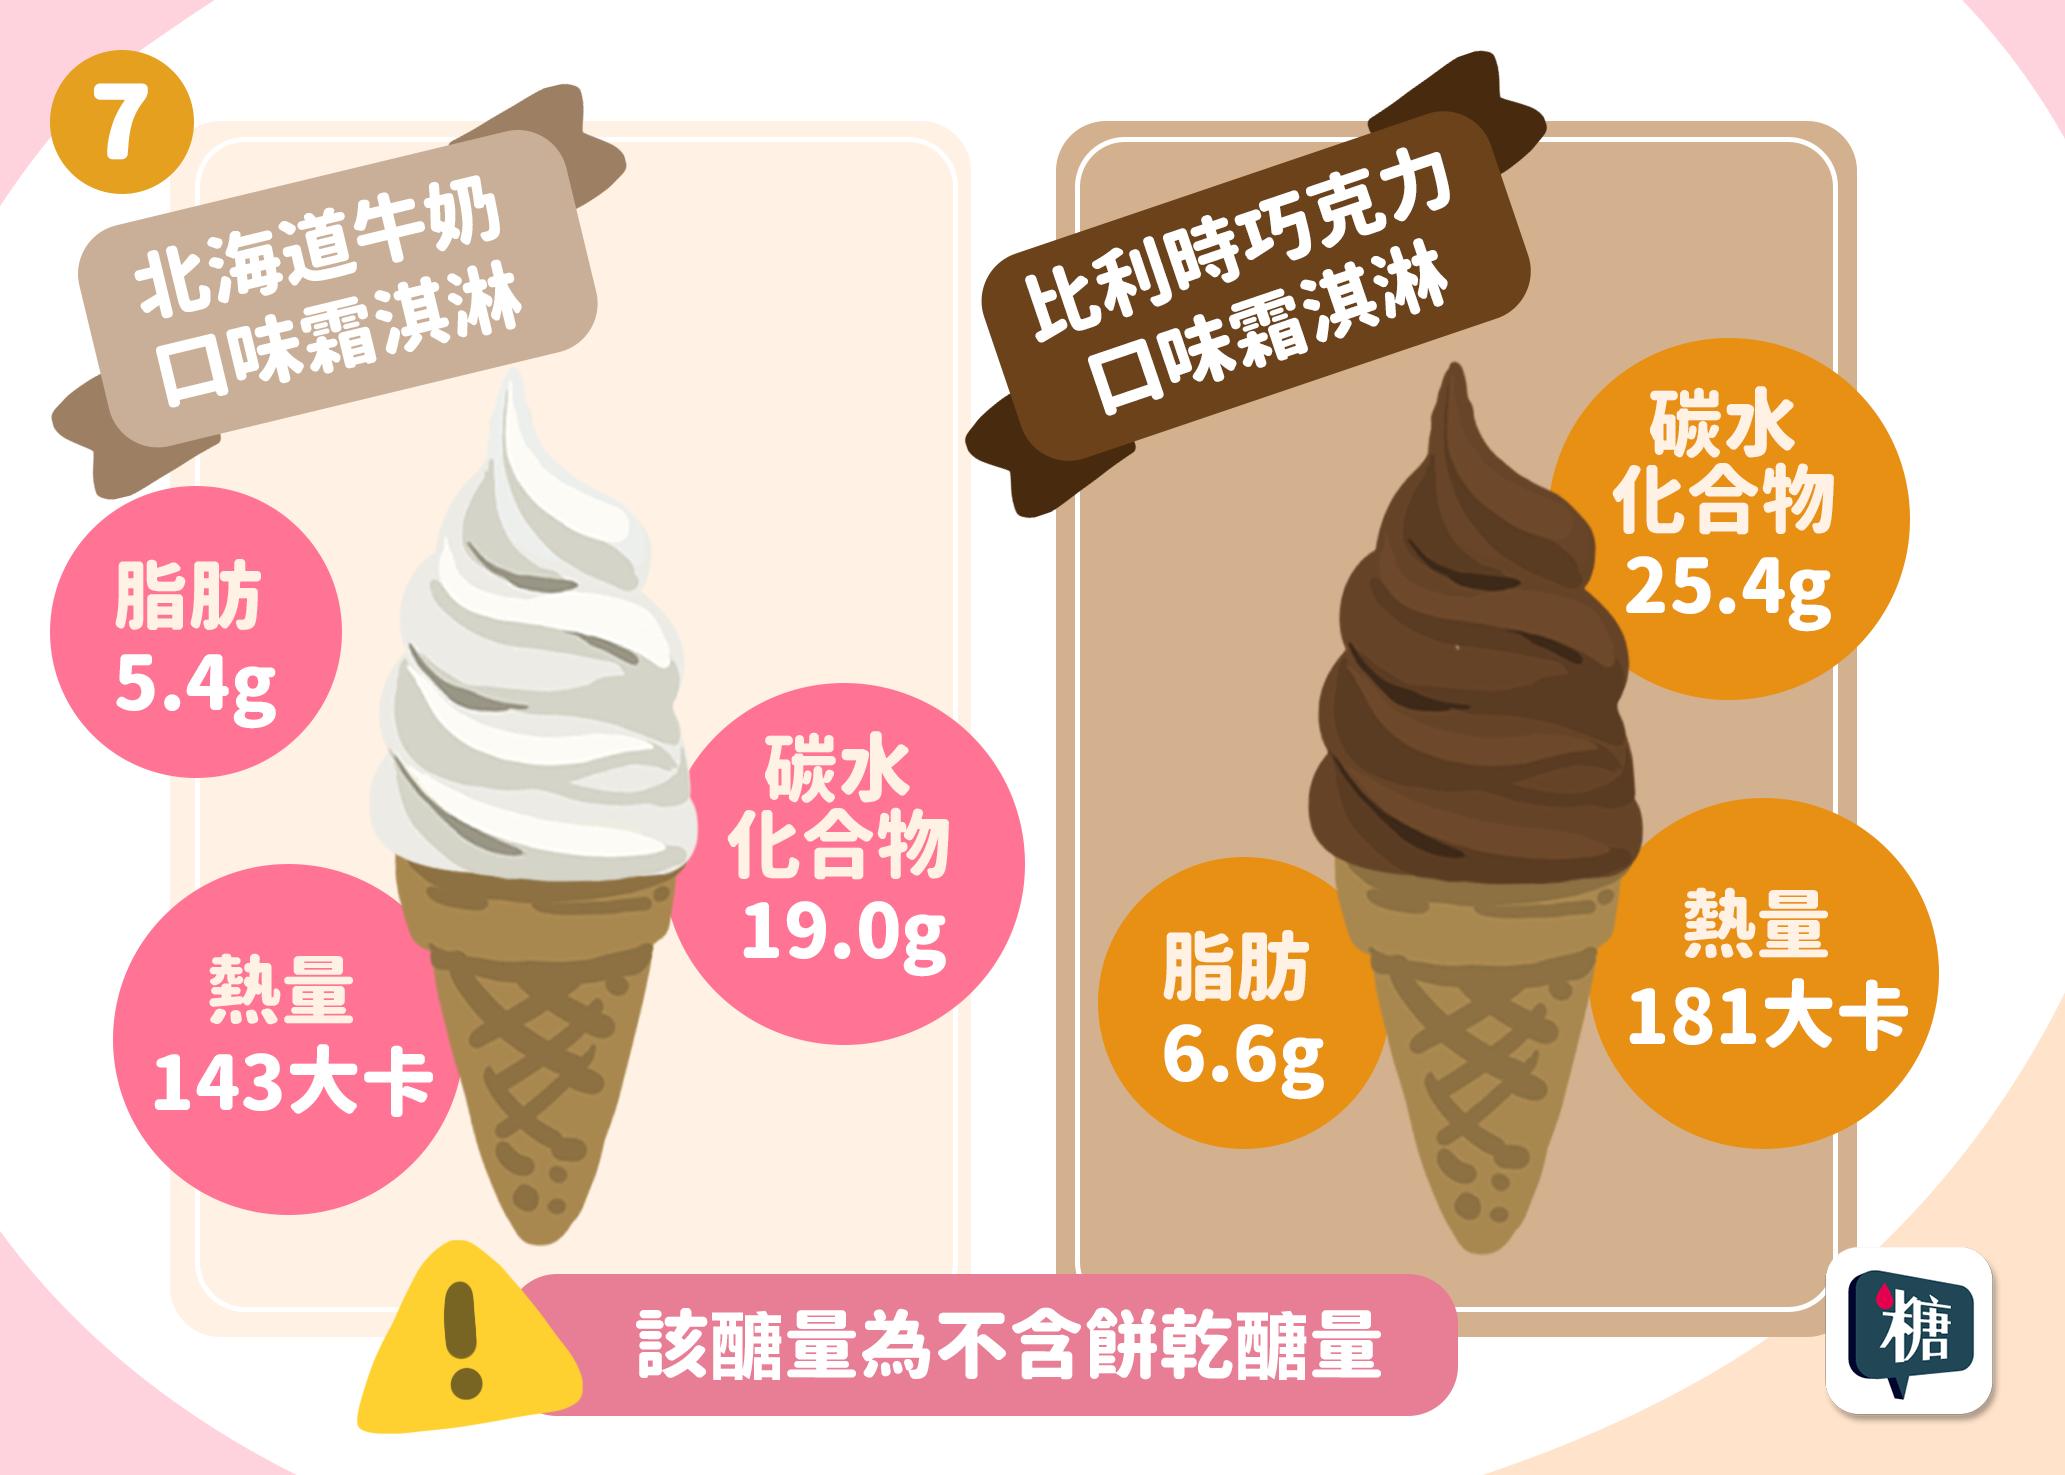 消暑冰淇淋吃多少?-08-1970